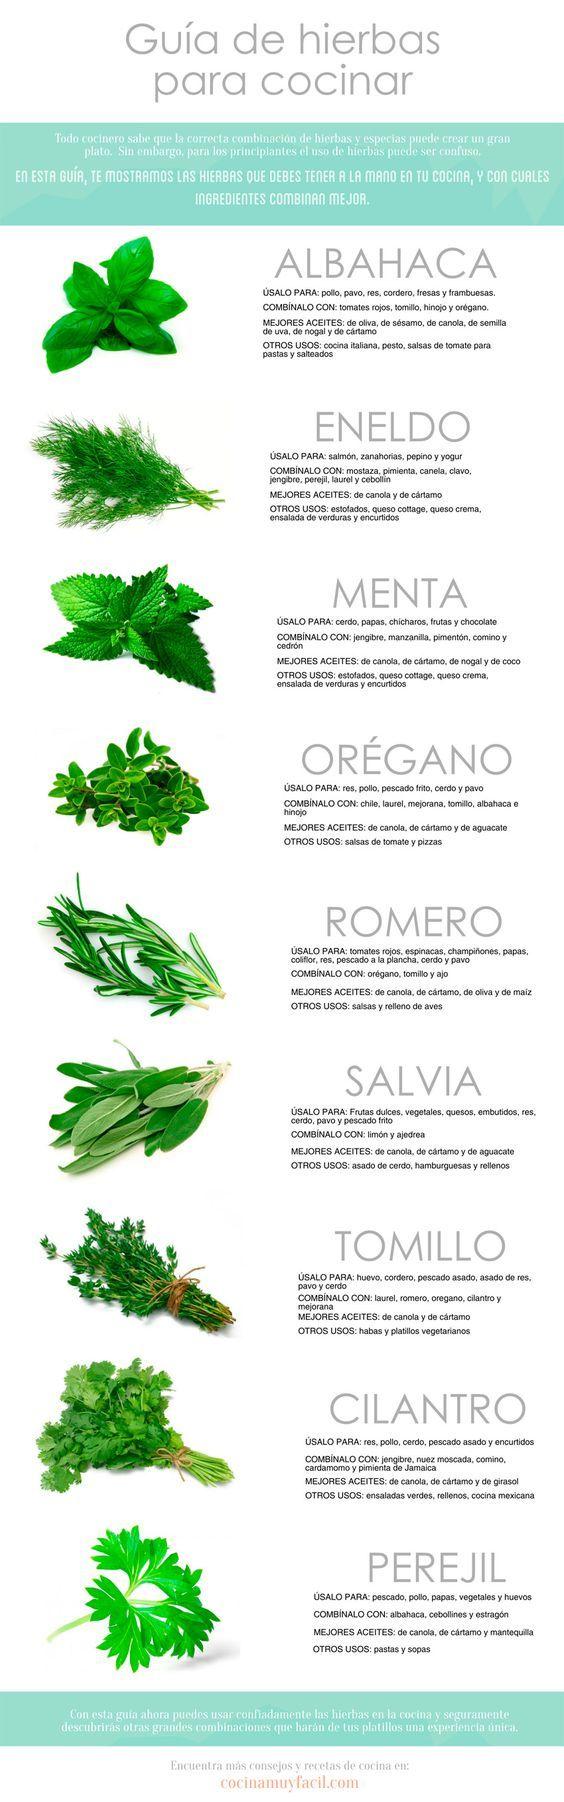 Guía de hierbas para cocinar. Infografía | Cocina Muy Fácil | http://cocinamuyfacil.com